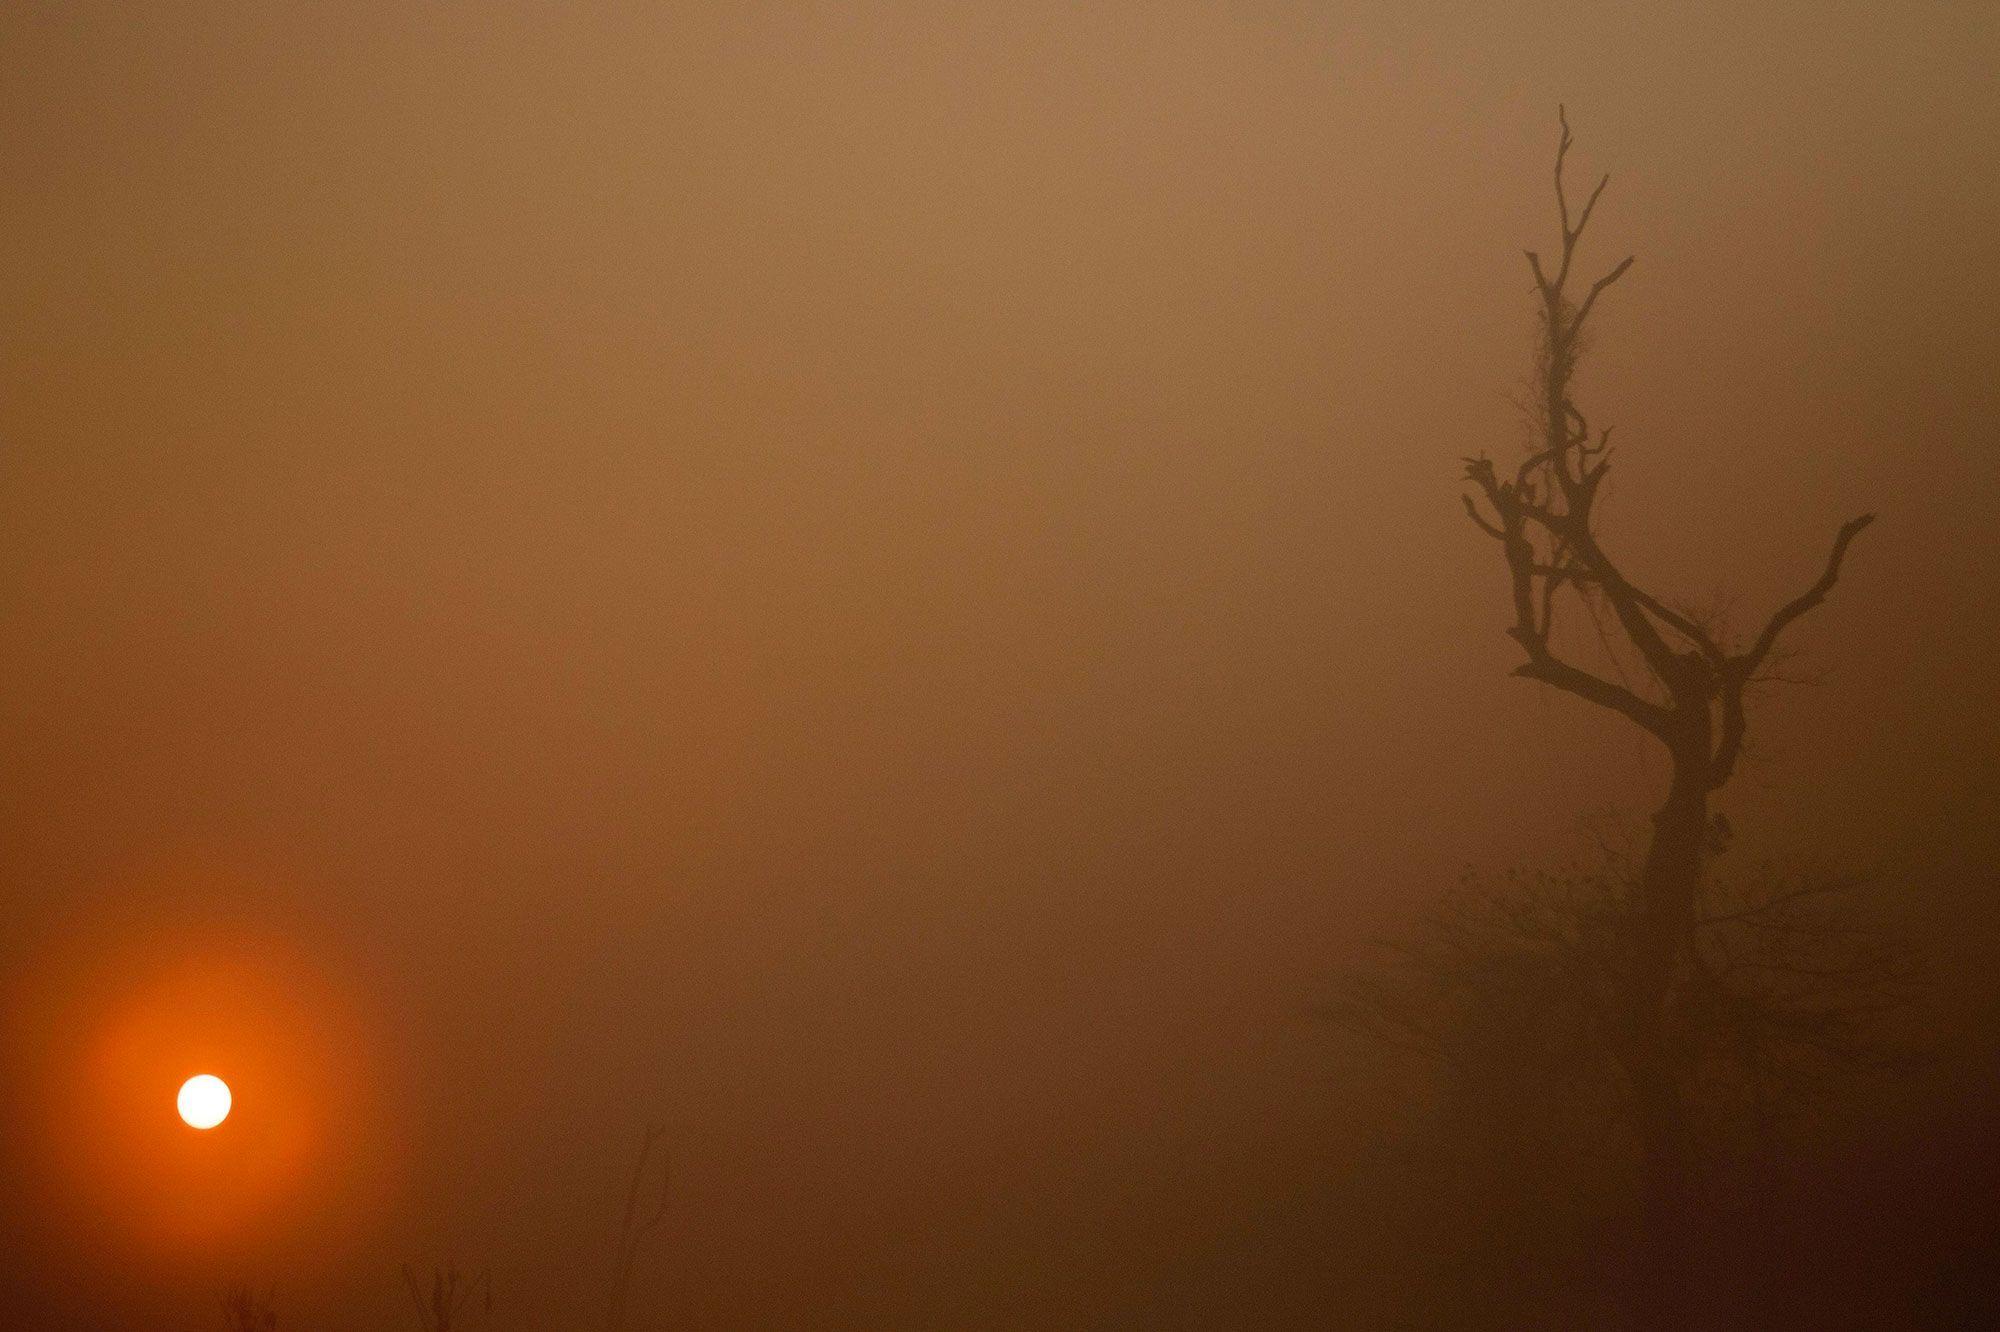 Incendies En Amazonie Un Moteur De Recherche Ecolo Bat Des